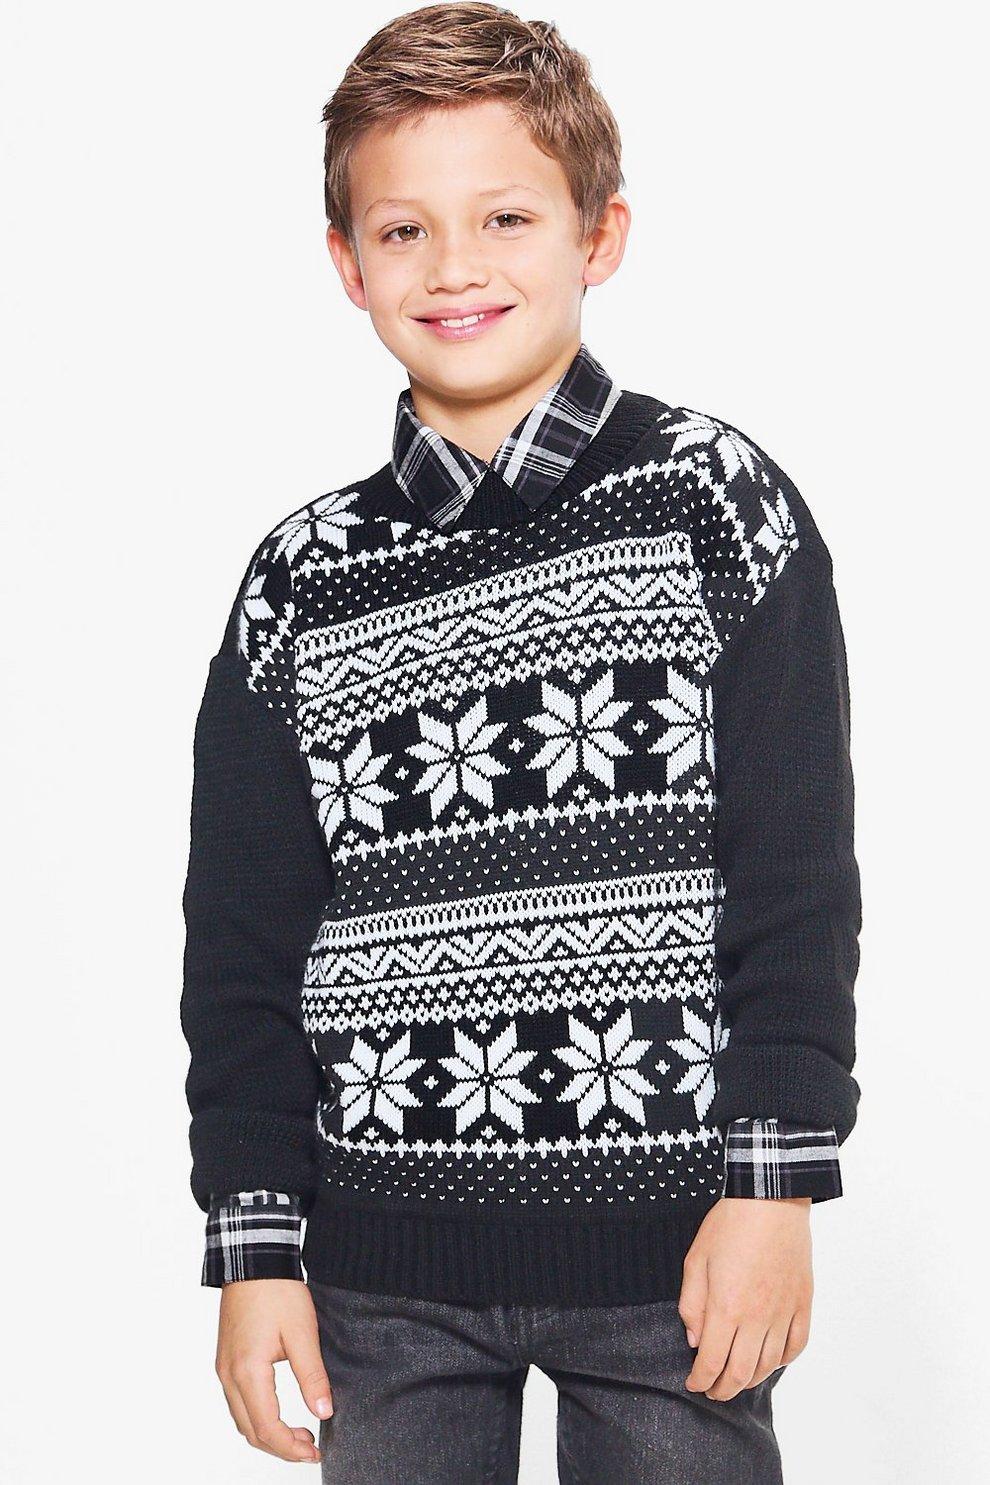 Boys Fairisle Knitted Christmas Jumper   Boohoo